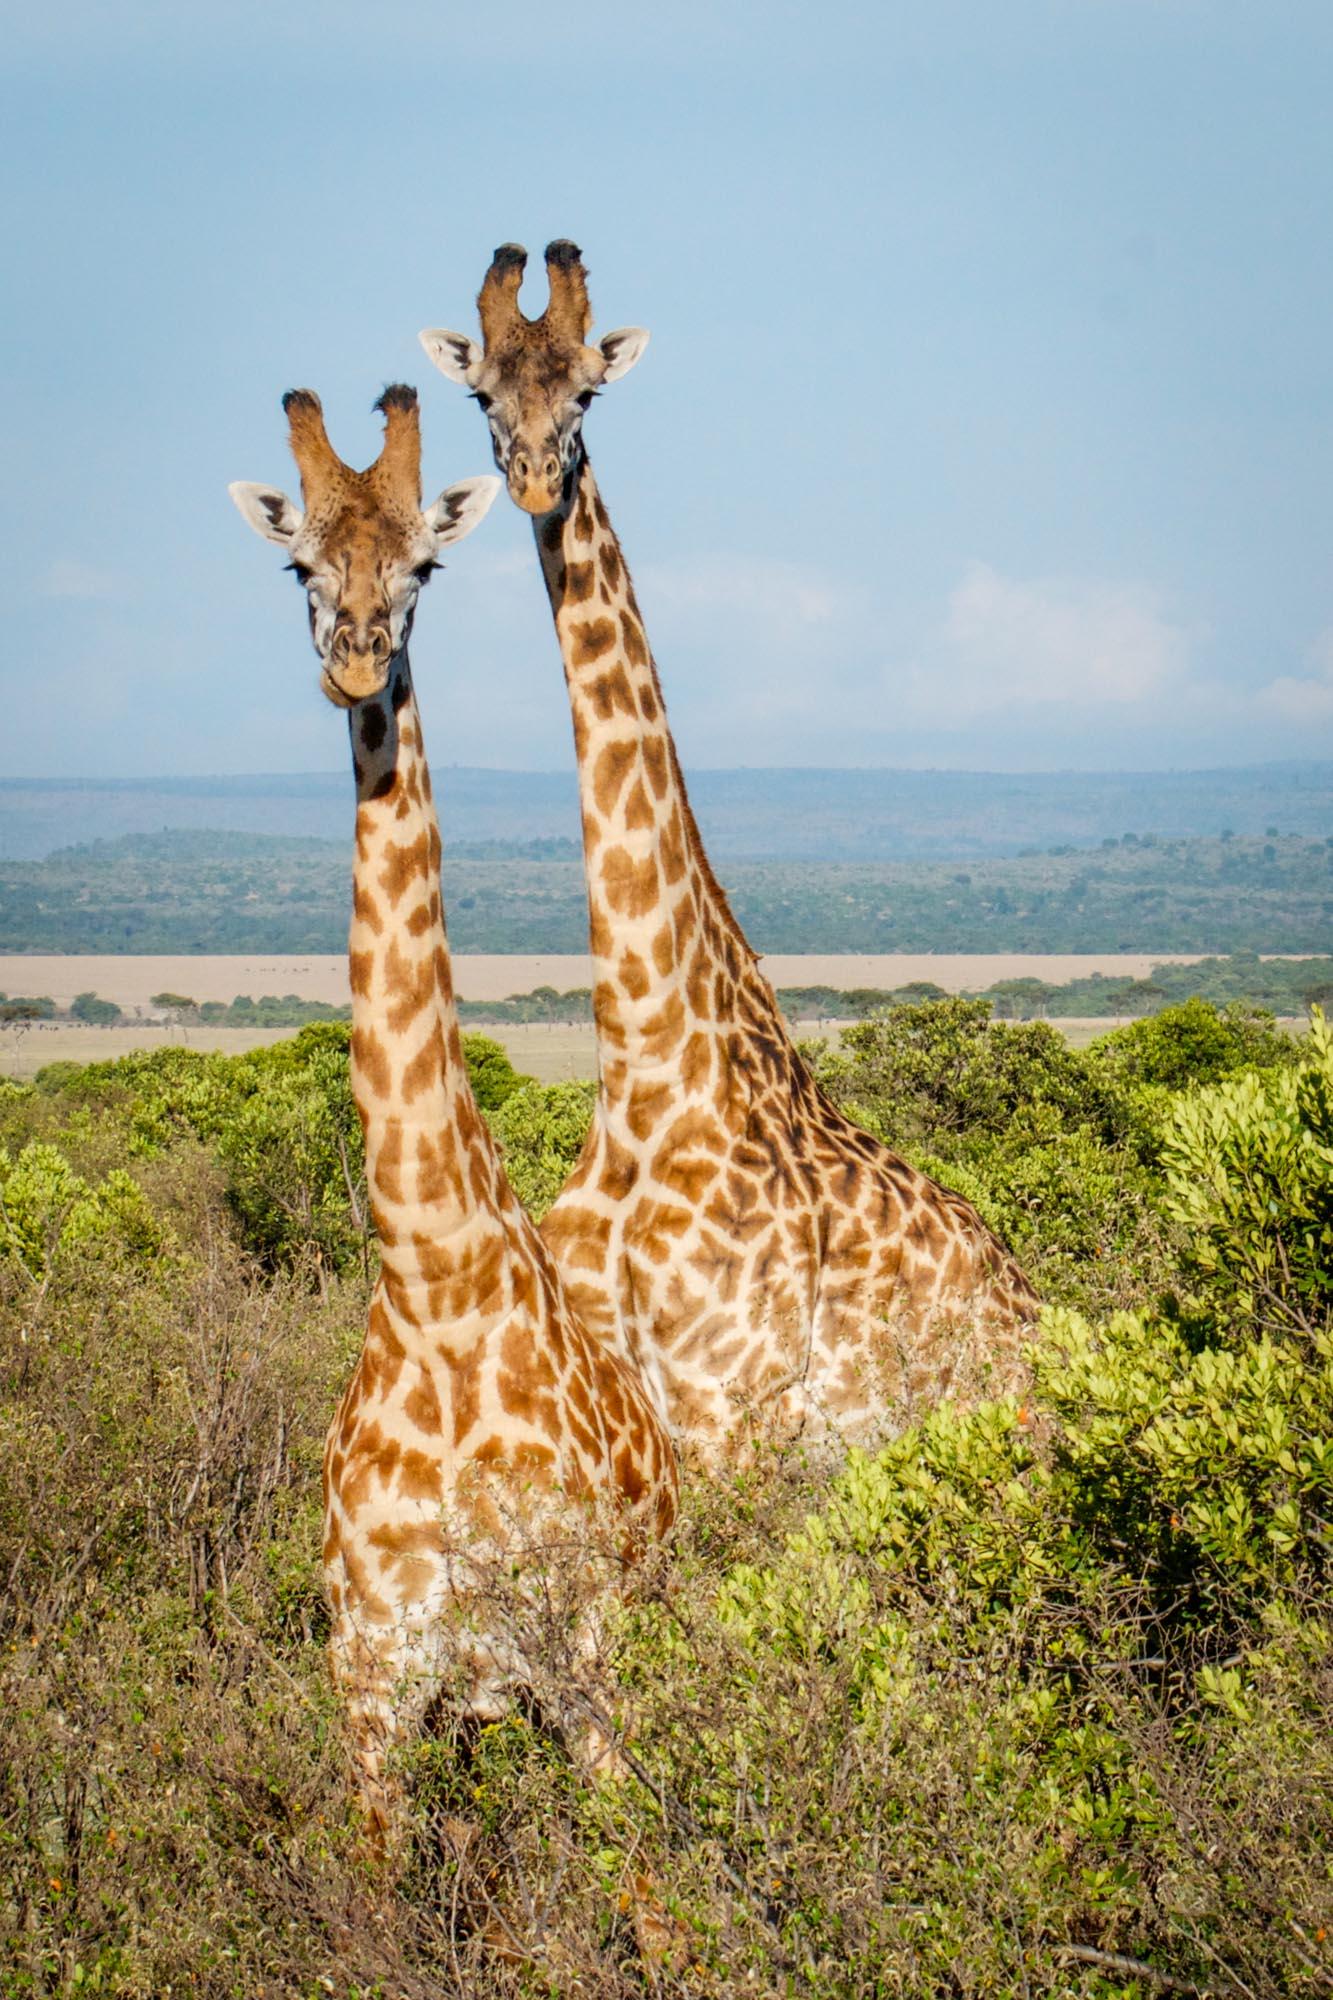 2giraffes-mara-kenya-2012-10-26.jpg